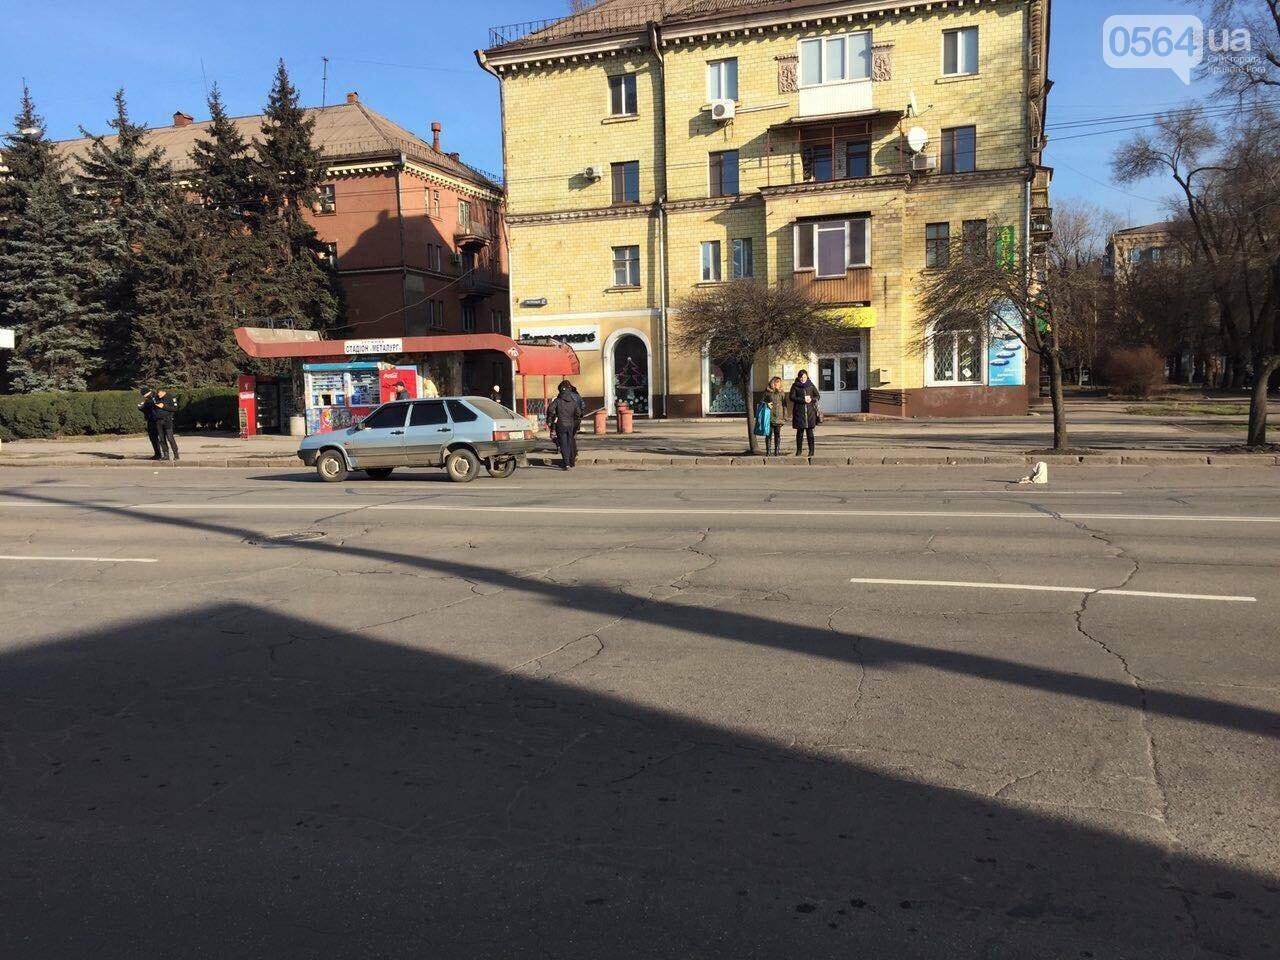 """В Кривом Роге возле стадиона """"Металлург"""" """"девятка"""" сбила женщину (ФОТО), фото-3"""